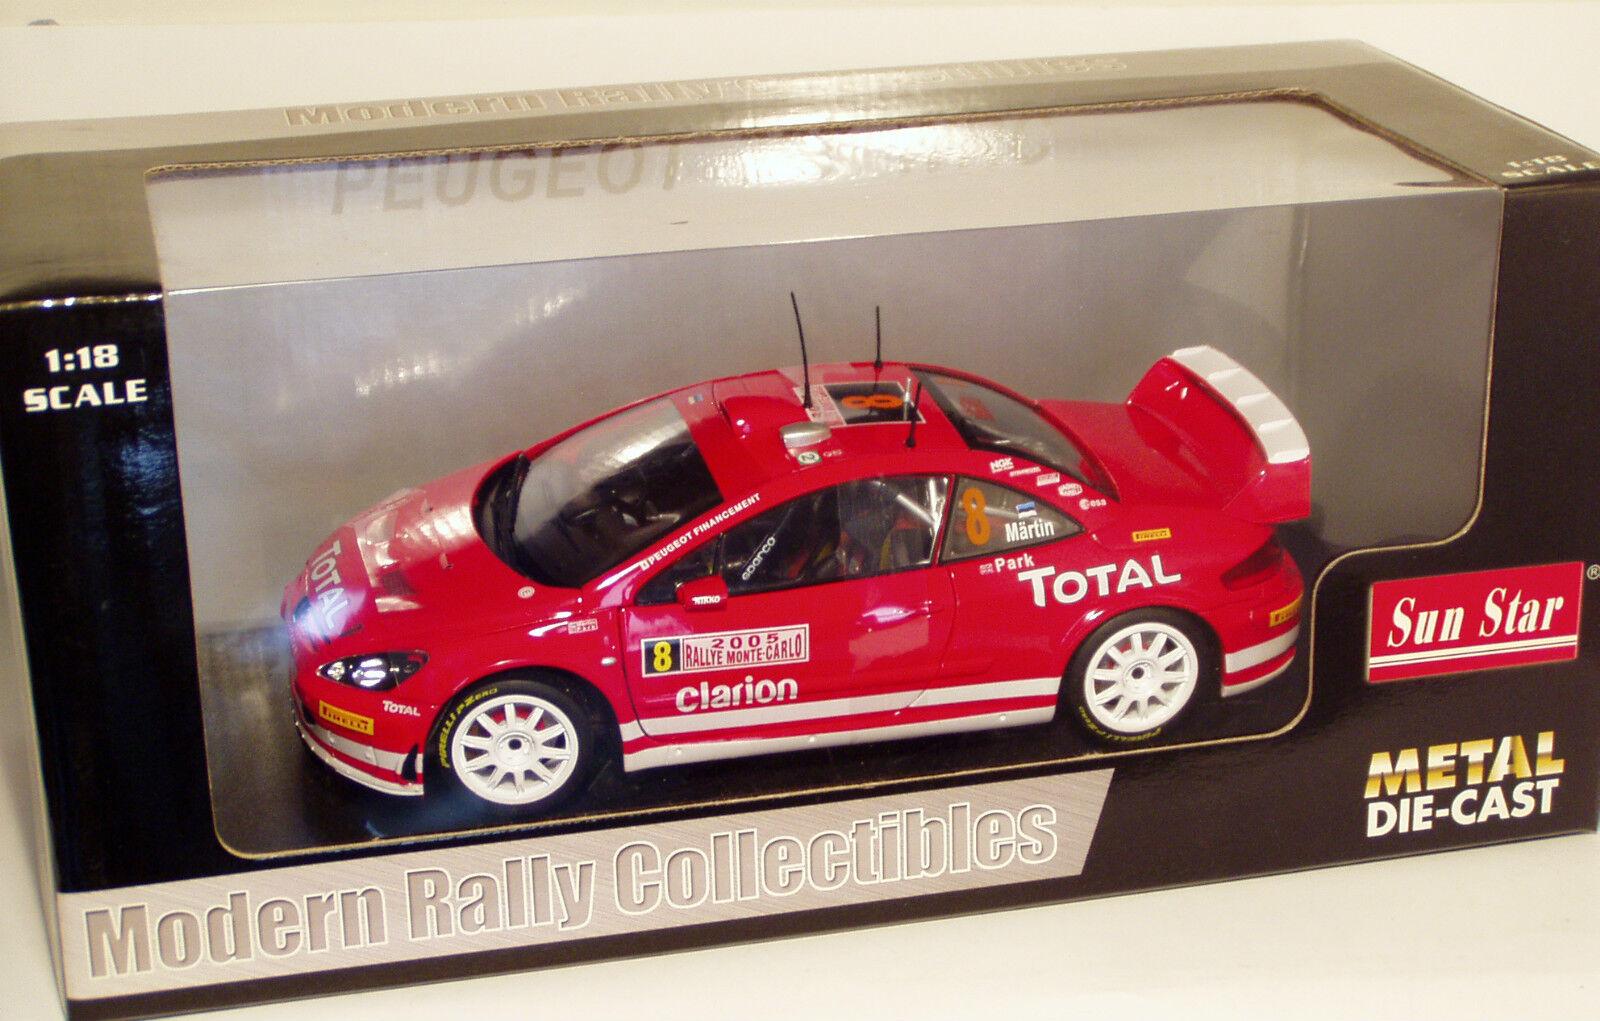 1 18 PEUGEOT 307 WRC total RALLYE MONTE CARLO 2005 M. MARTIN M. Park